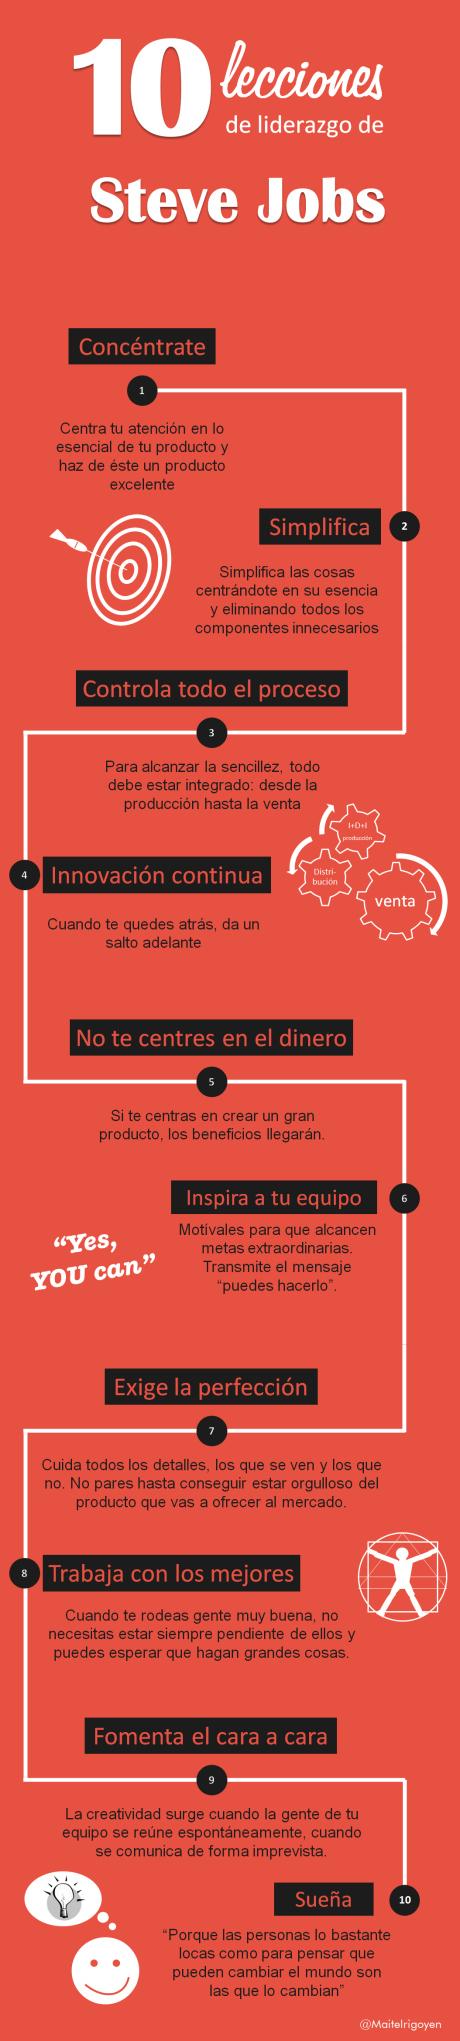 12 lecciones de liderazgo de Steve Jobs